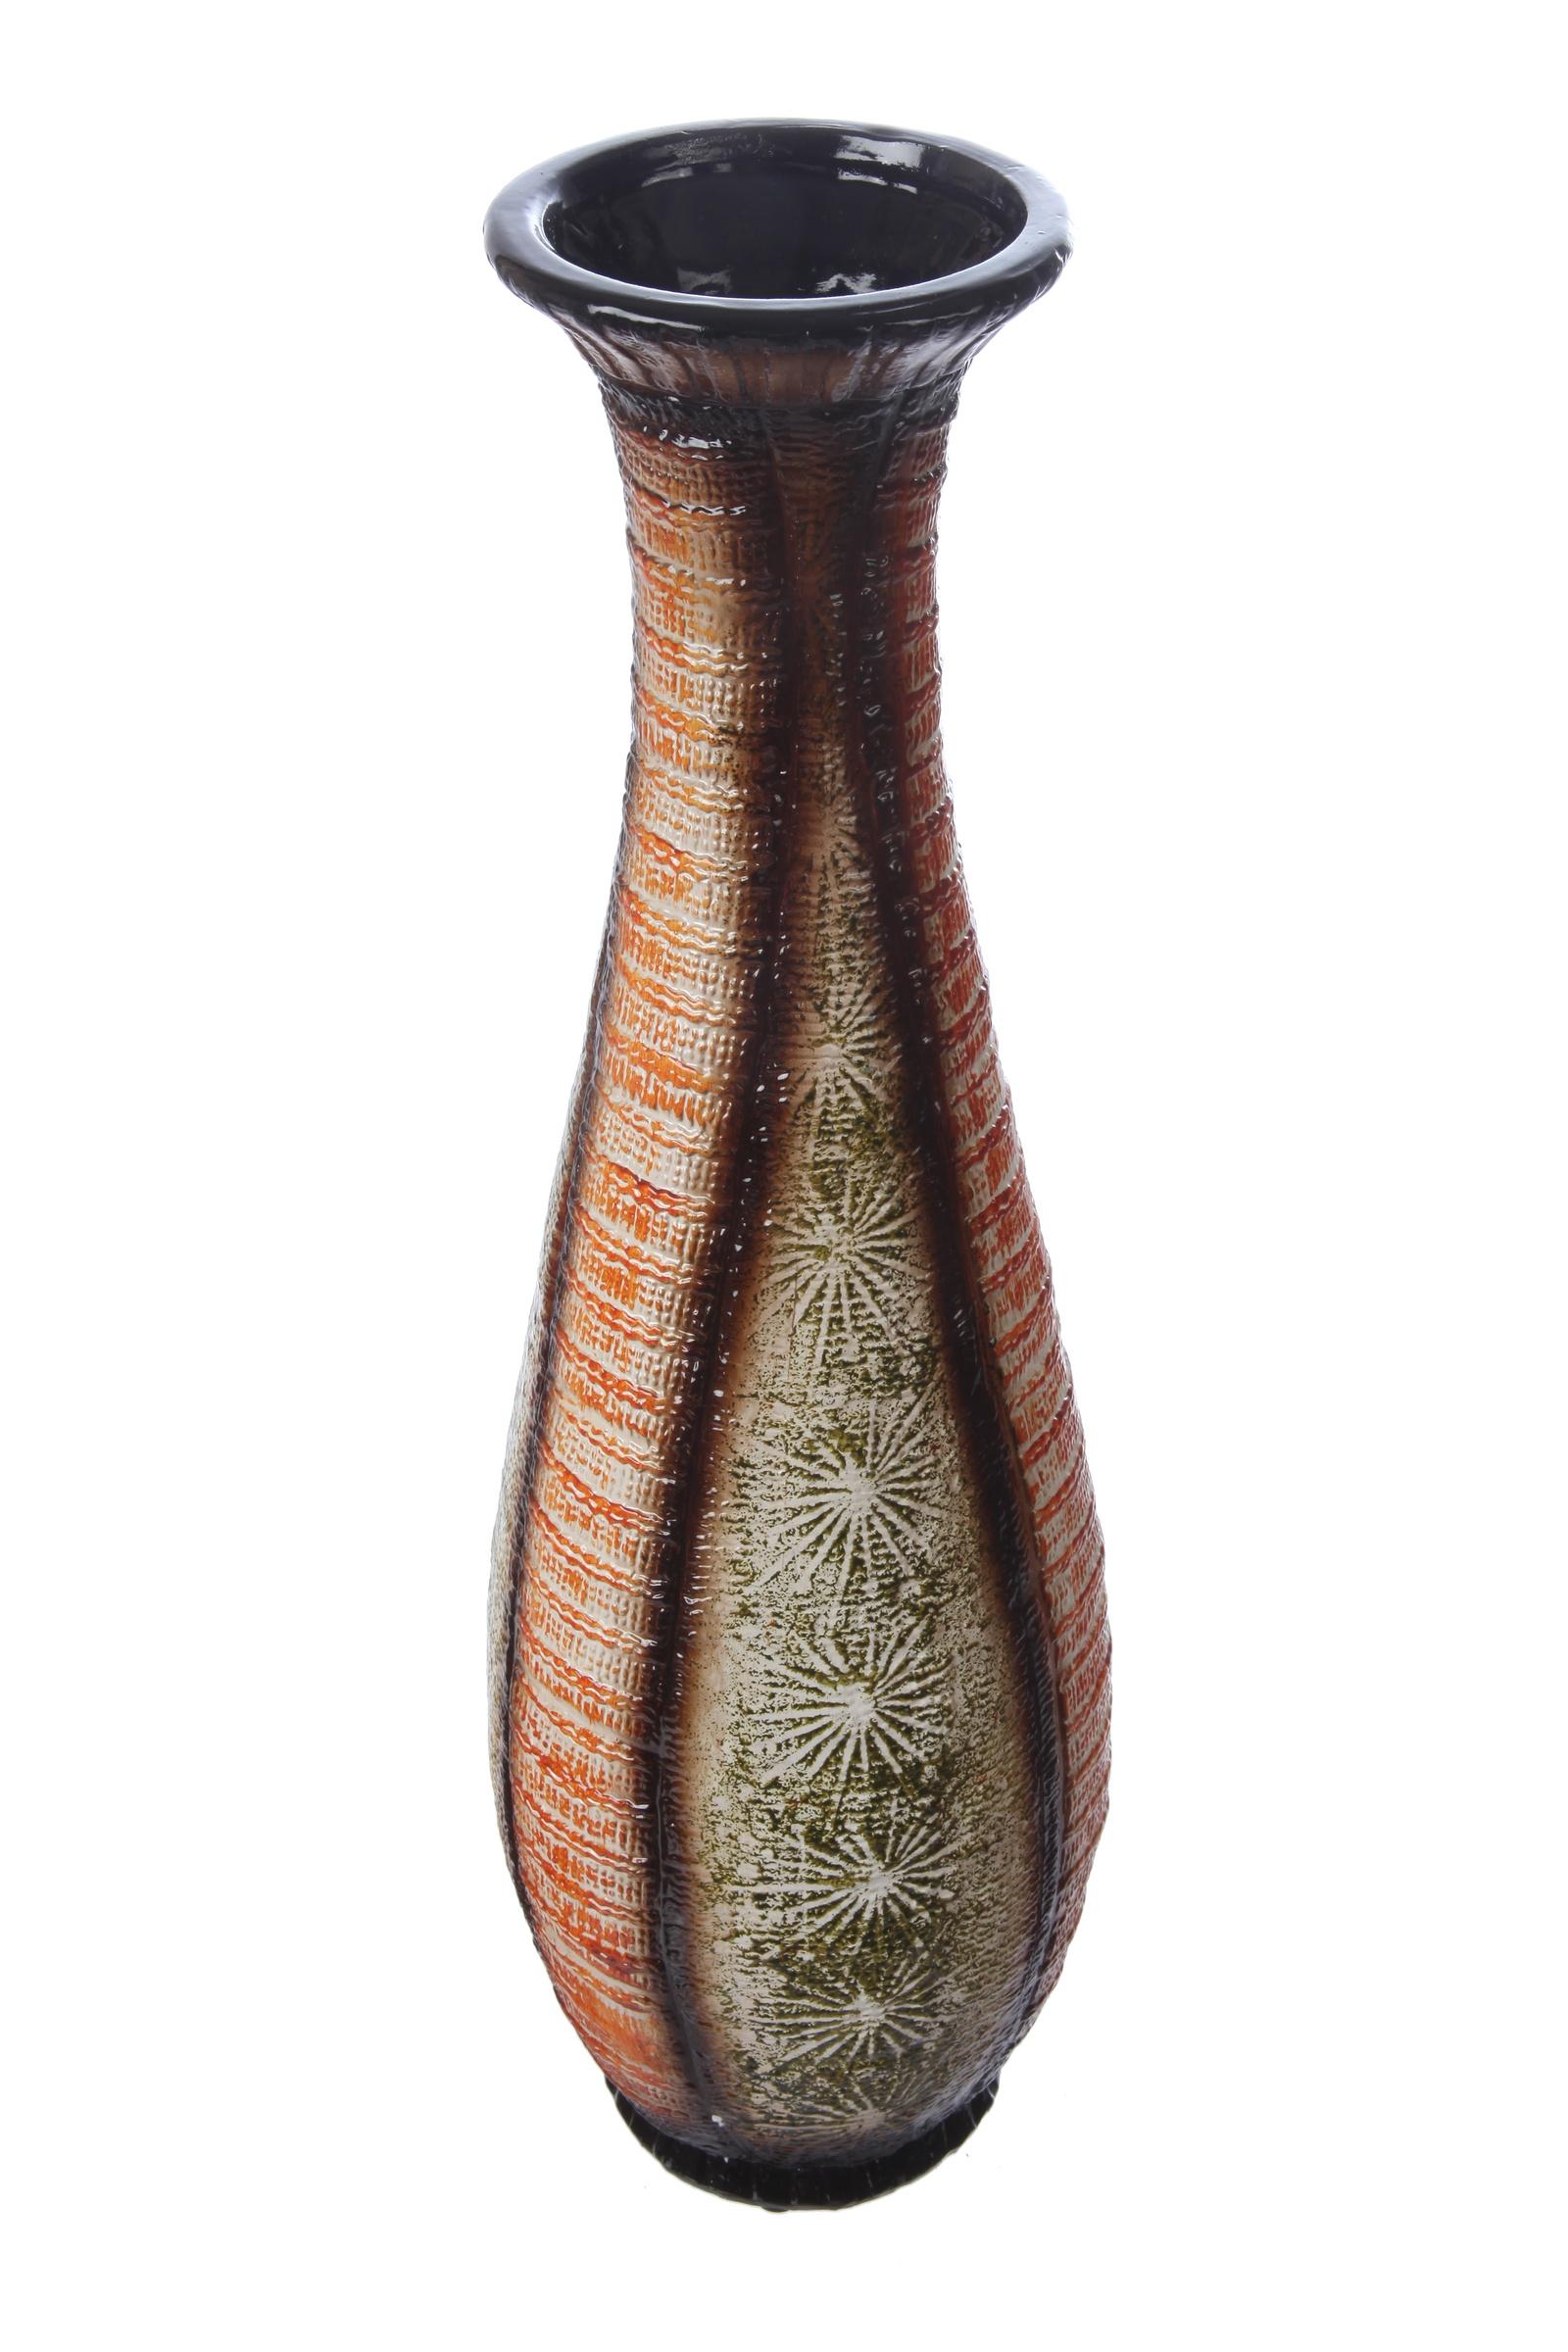 Ваза IsmatDecor Керамическая ваза, VB-86 черный, черный велогибрид kupper unicorn зелено черный